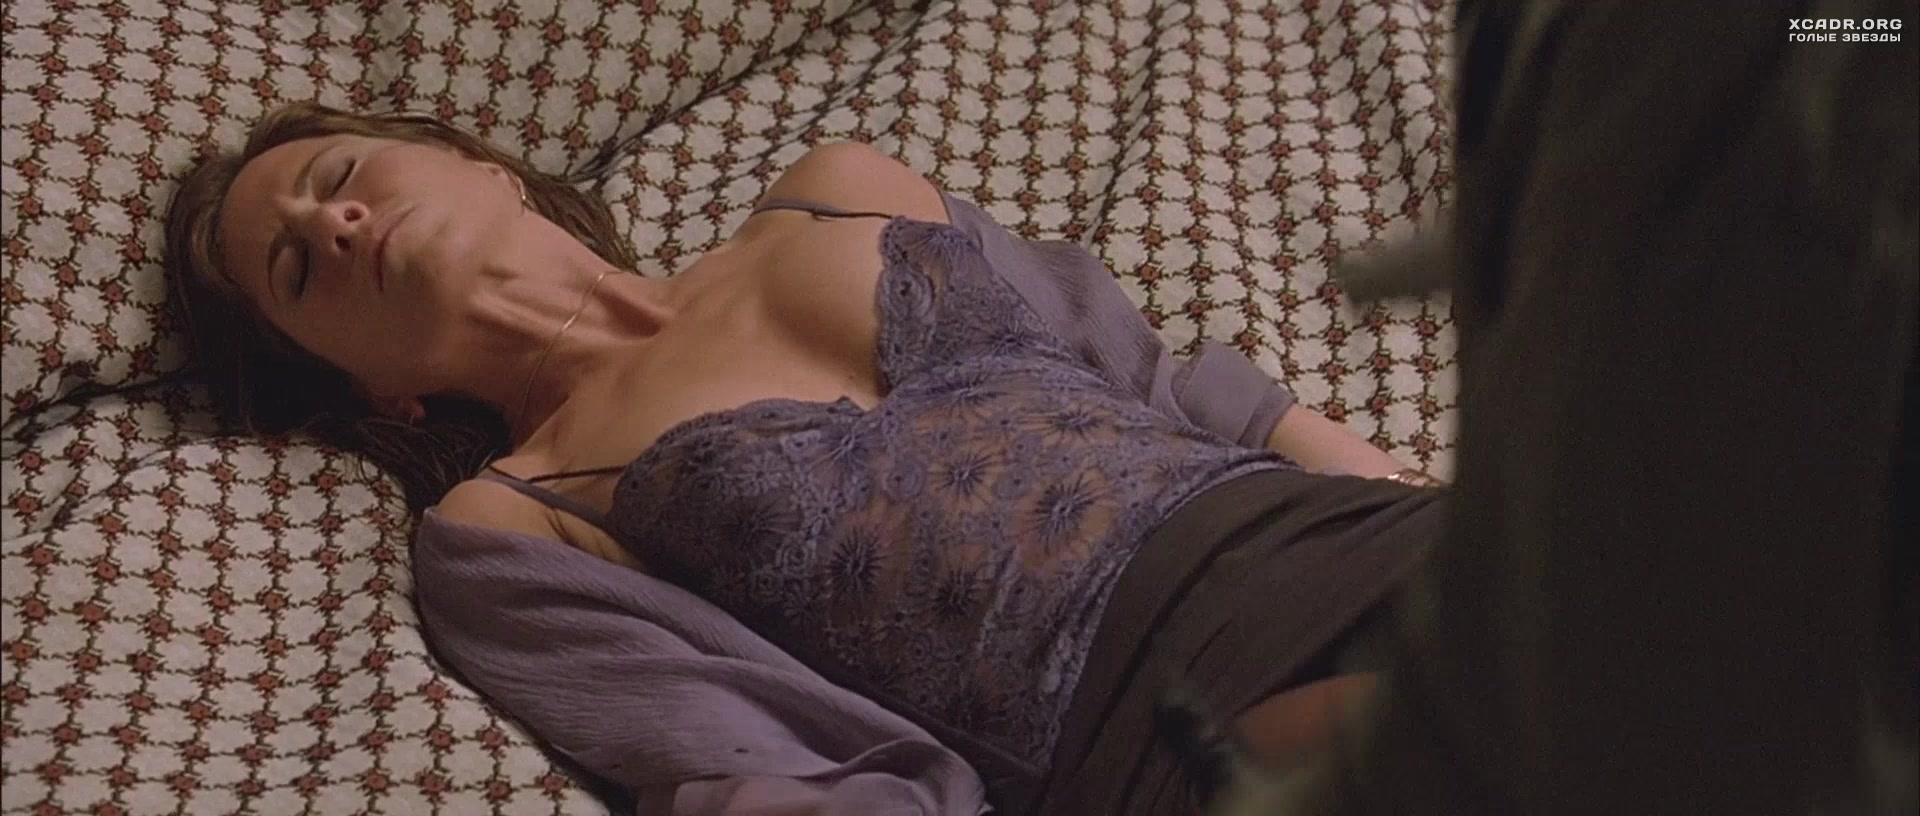 Откровенные сцены в эротических фильмах смотреть идея